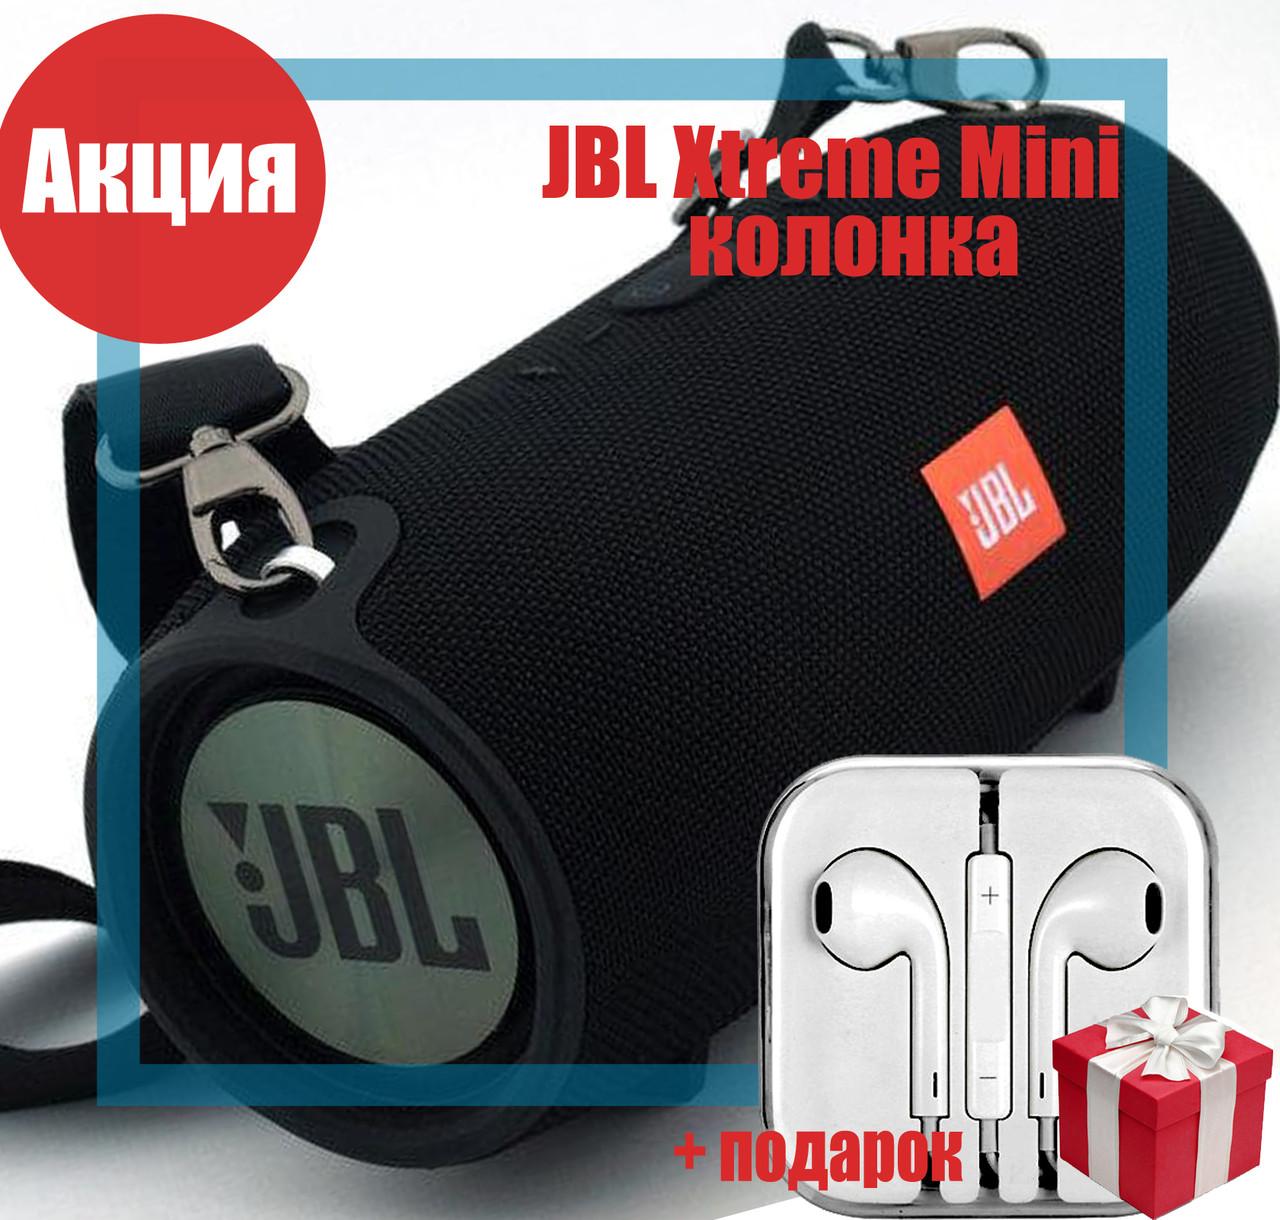 Колонка JBL Xtreme Mini Bluetooth ремень, microSD, PowerBank, 20W качество Quality Replica